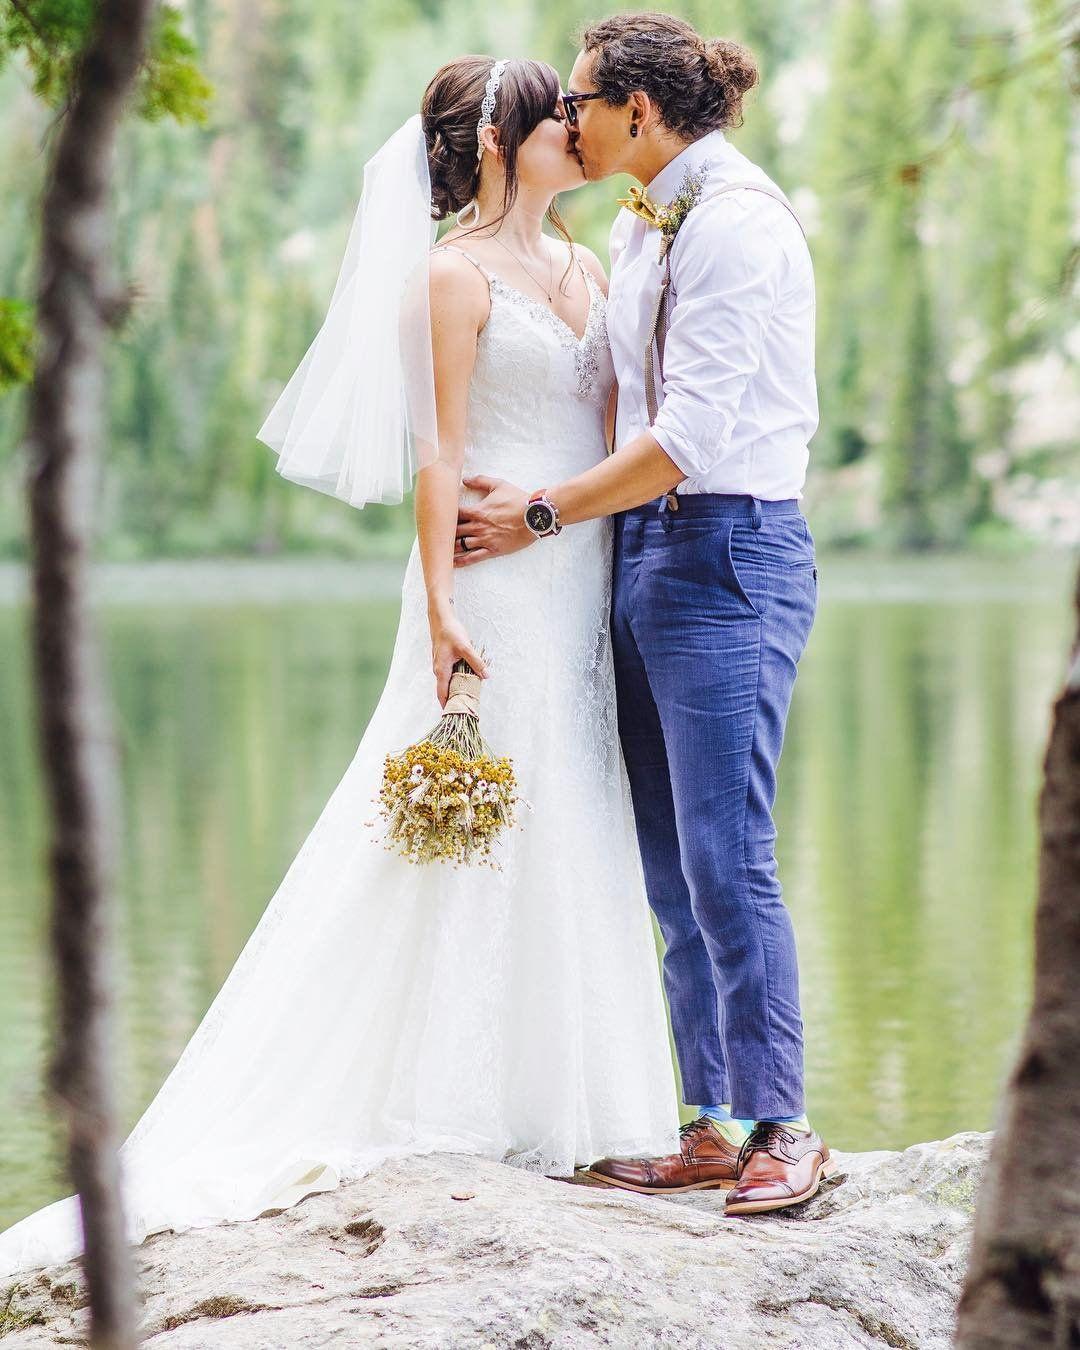 Davidus bridal bride tessa in an all over lace spaghetti strap